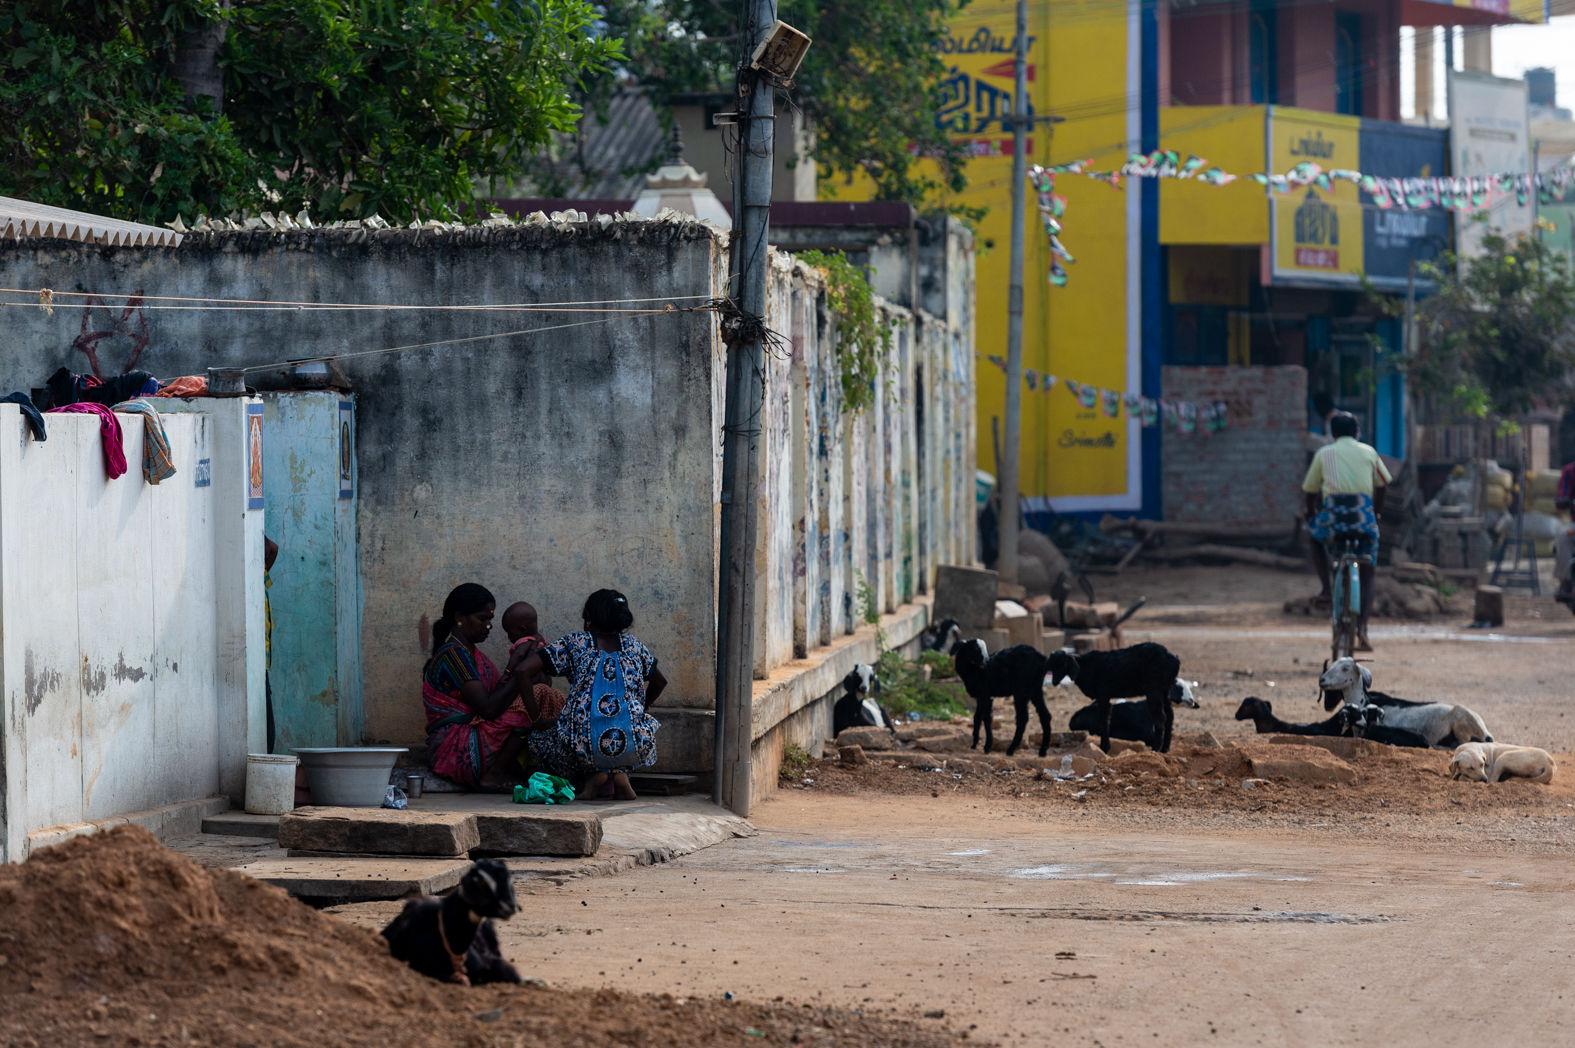 Street scene in Karaikudi, Tamil Nadu, February 2016